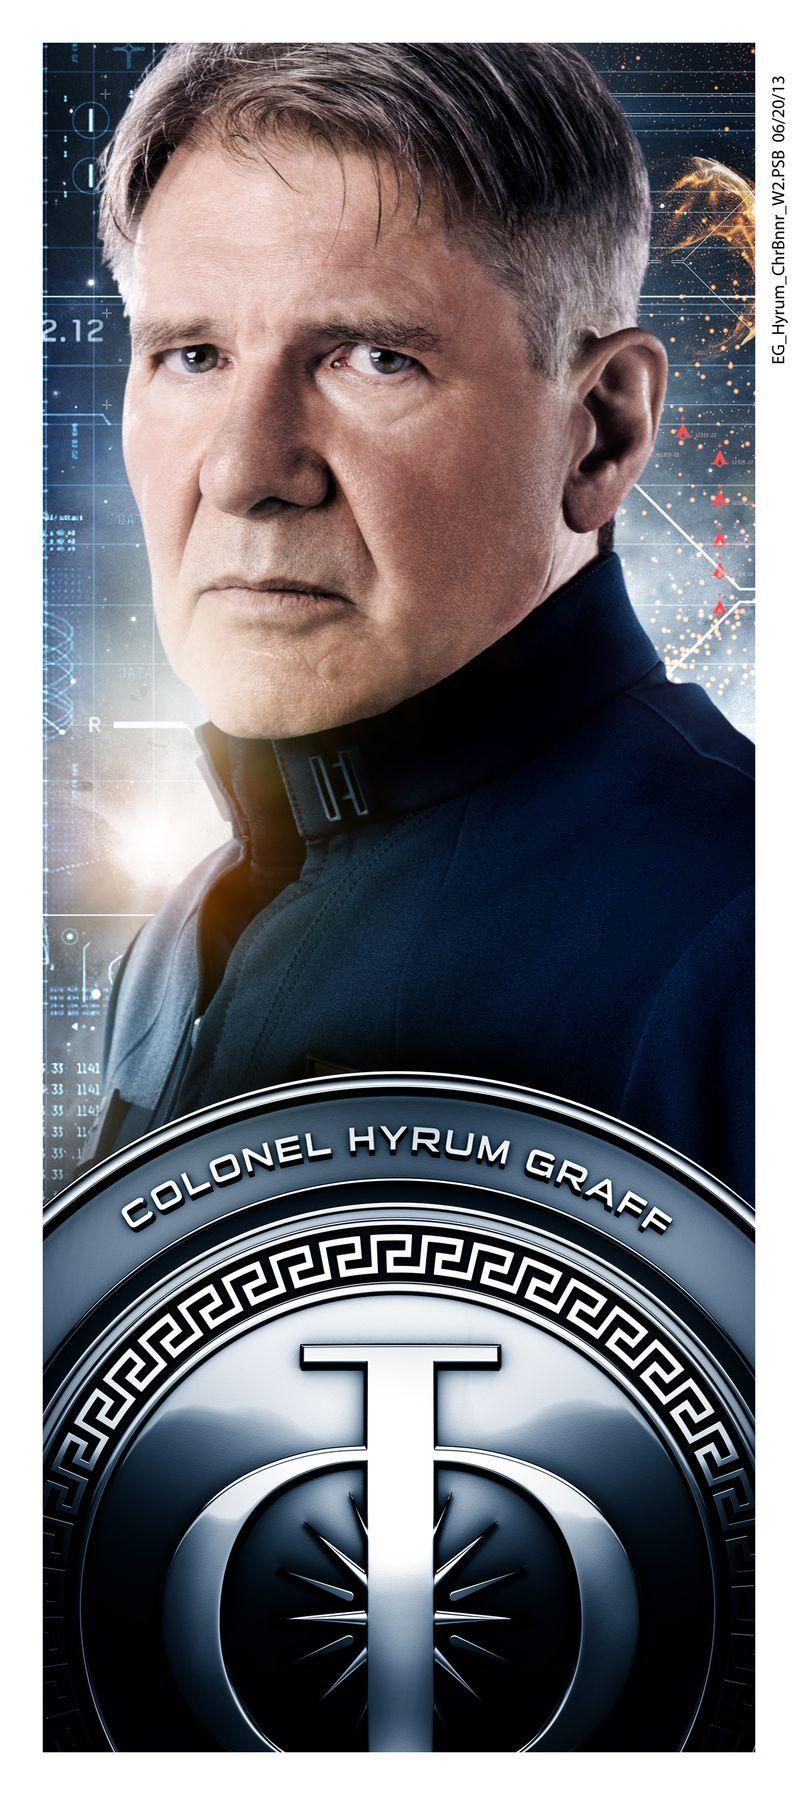 <strong><em>Ender's Game</em></strong> Harrison Ford Character Poster